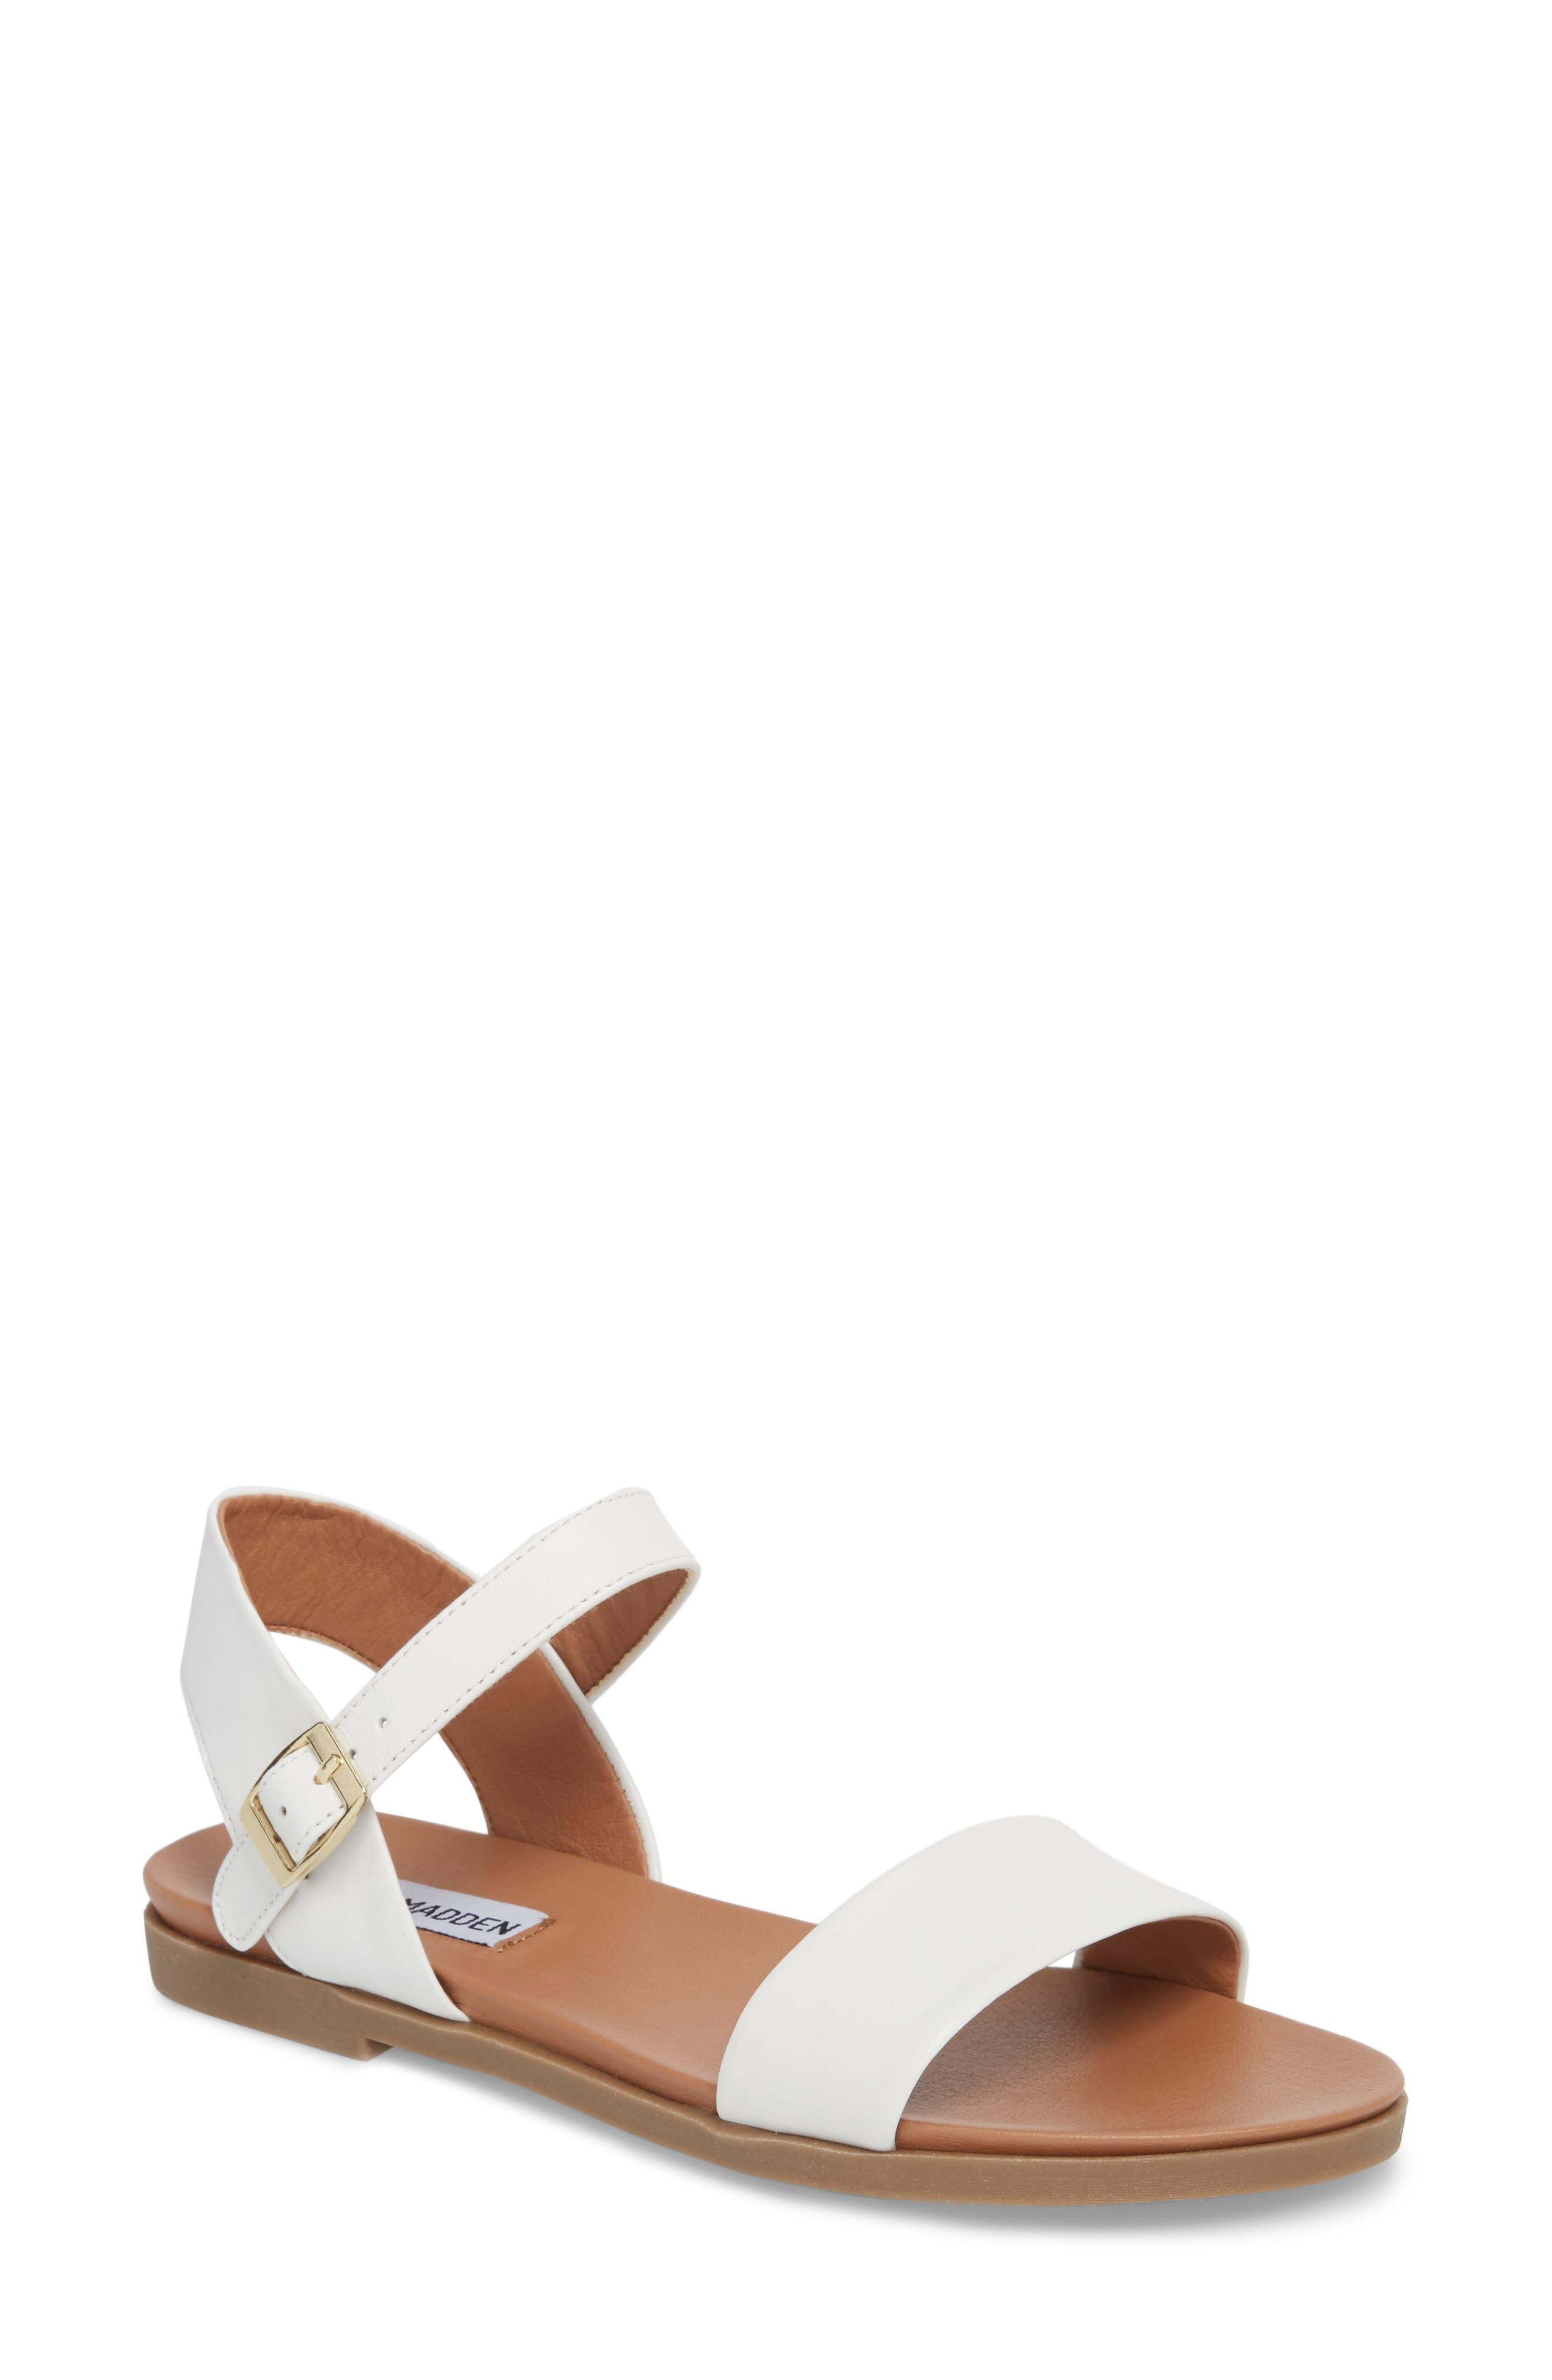 Dina Sandal,                             Main thumbnail 1, color,                             White Leather